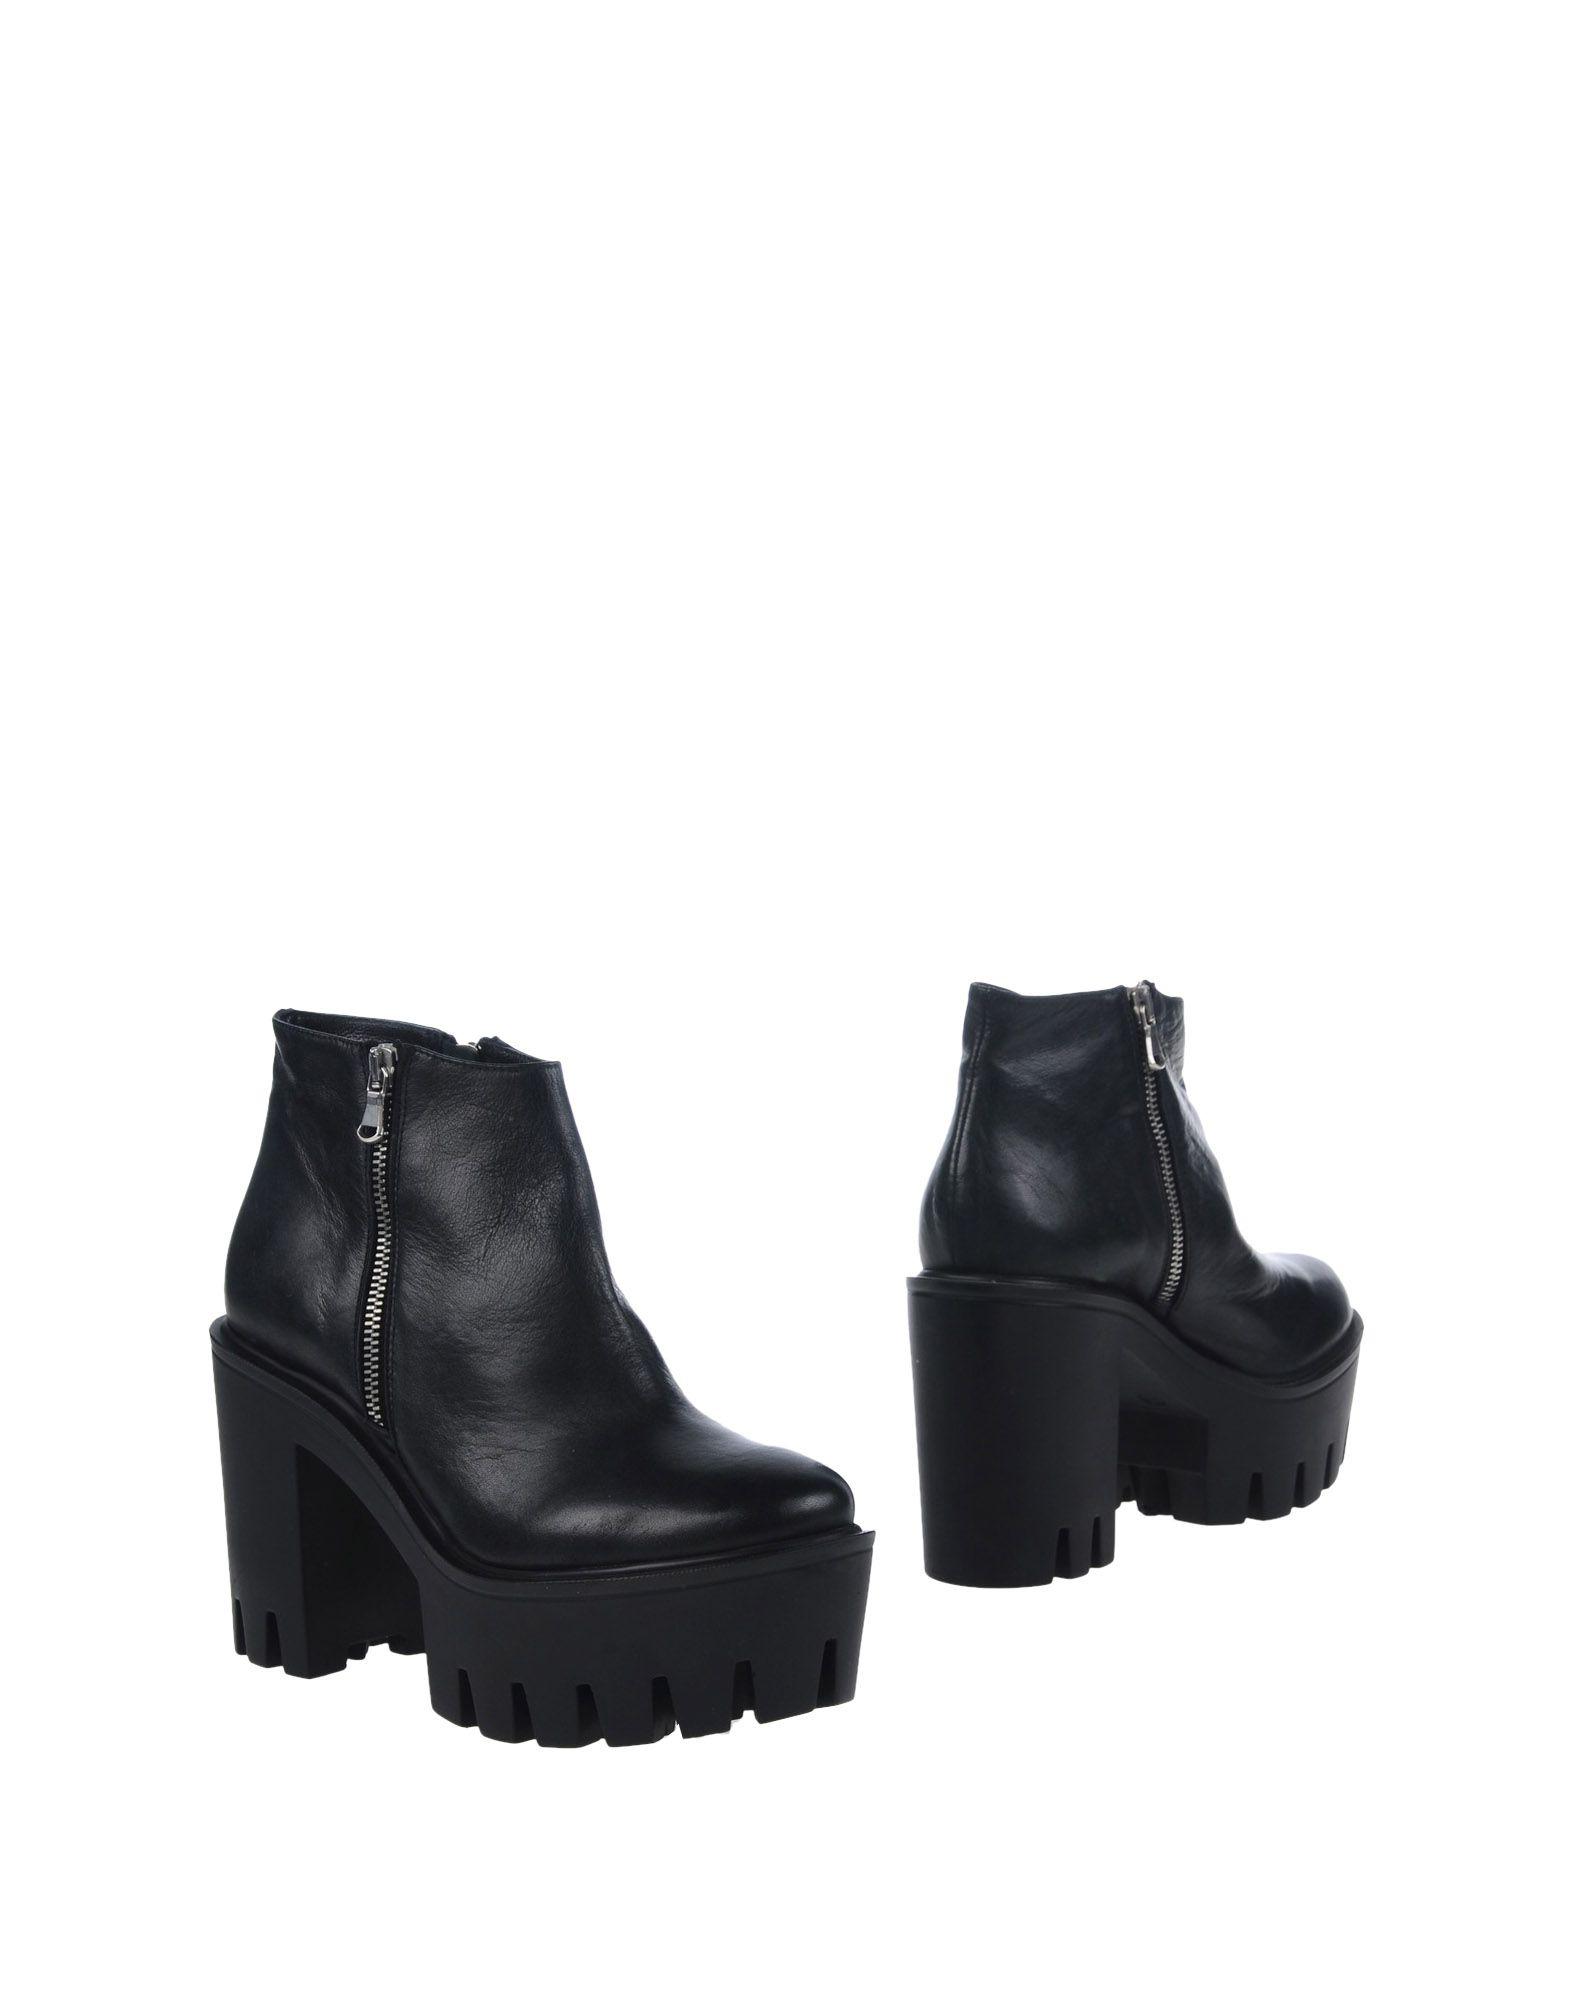 Elena Iachi Stiefelette Damen  11231462IU Gute Qualität beliebte Schuhe